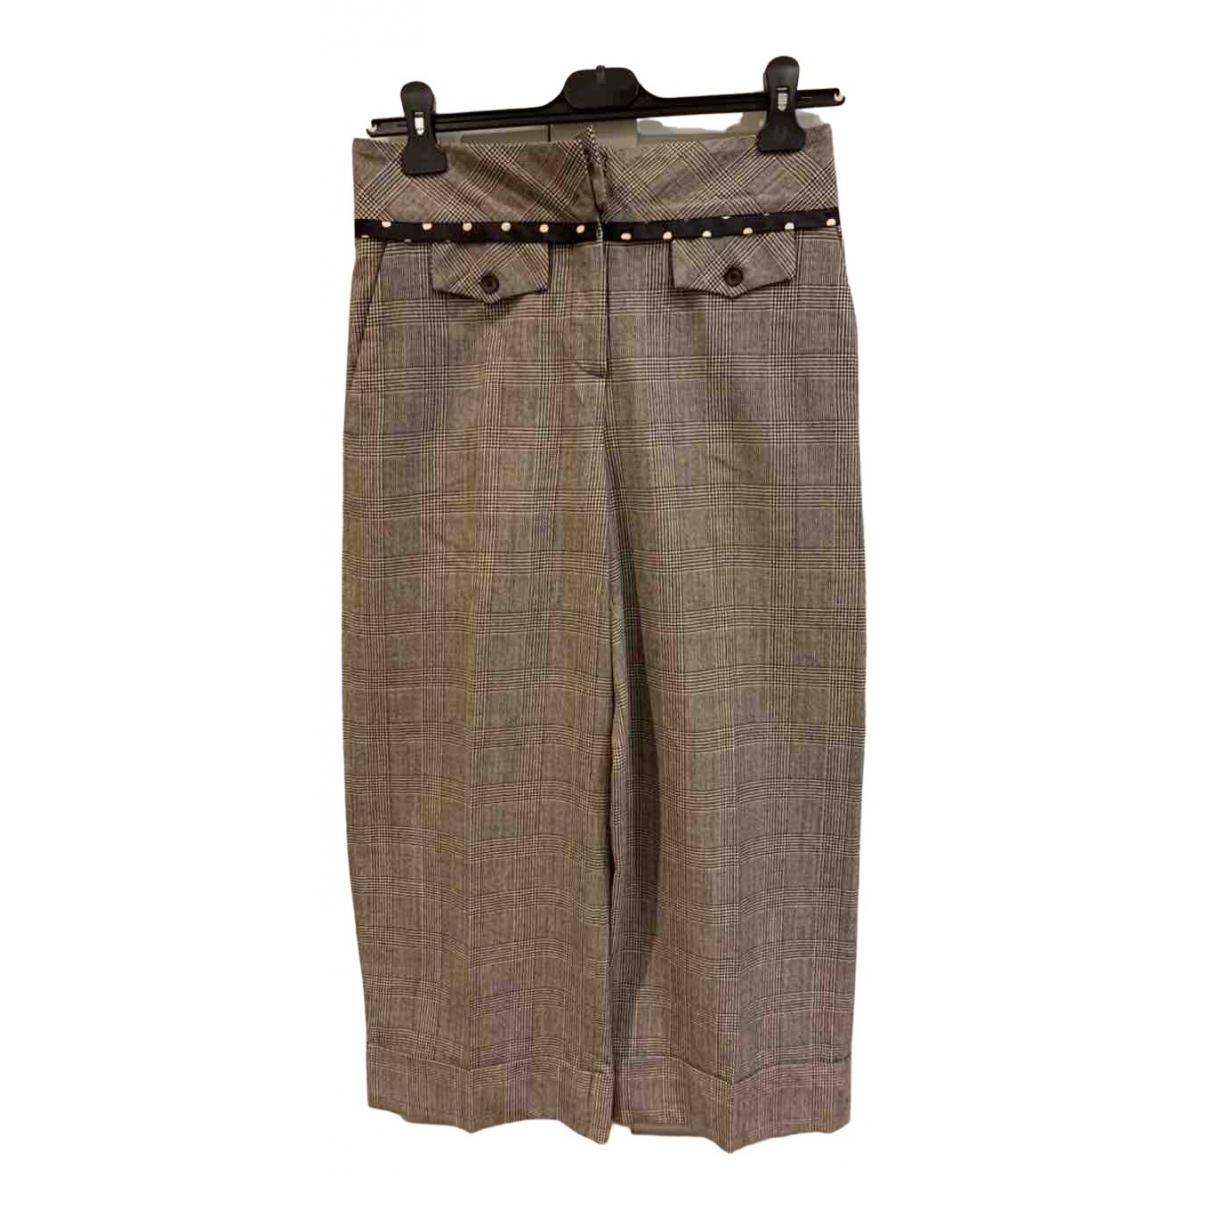 Pantalon largo de Lana Antonio Marras